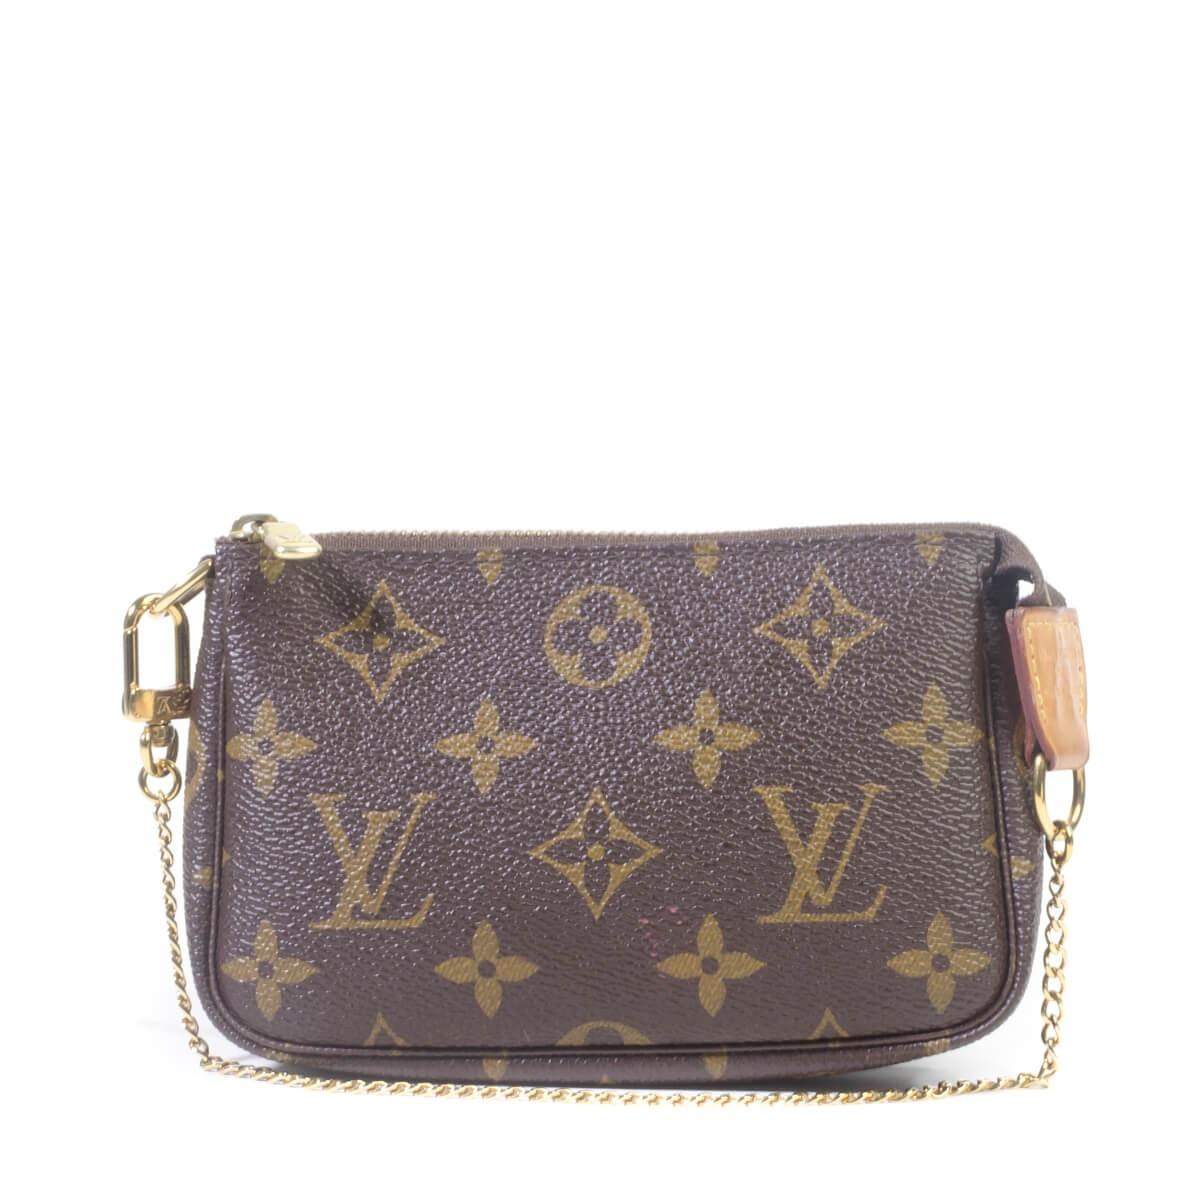 4e47dc892a89 Louis Vuitton. Louis Vuitton Monogram Mini Pochette Accessoires Bag